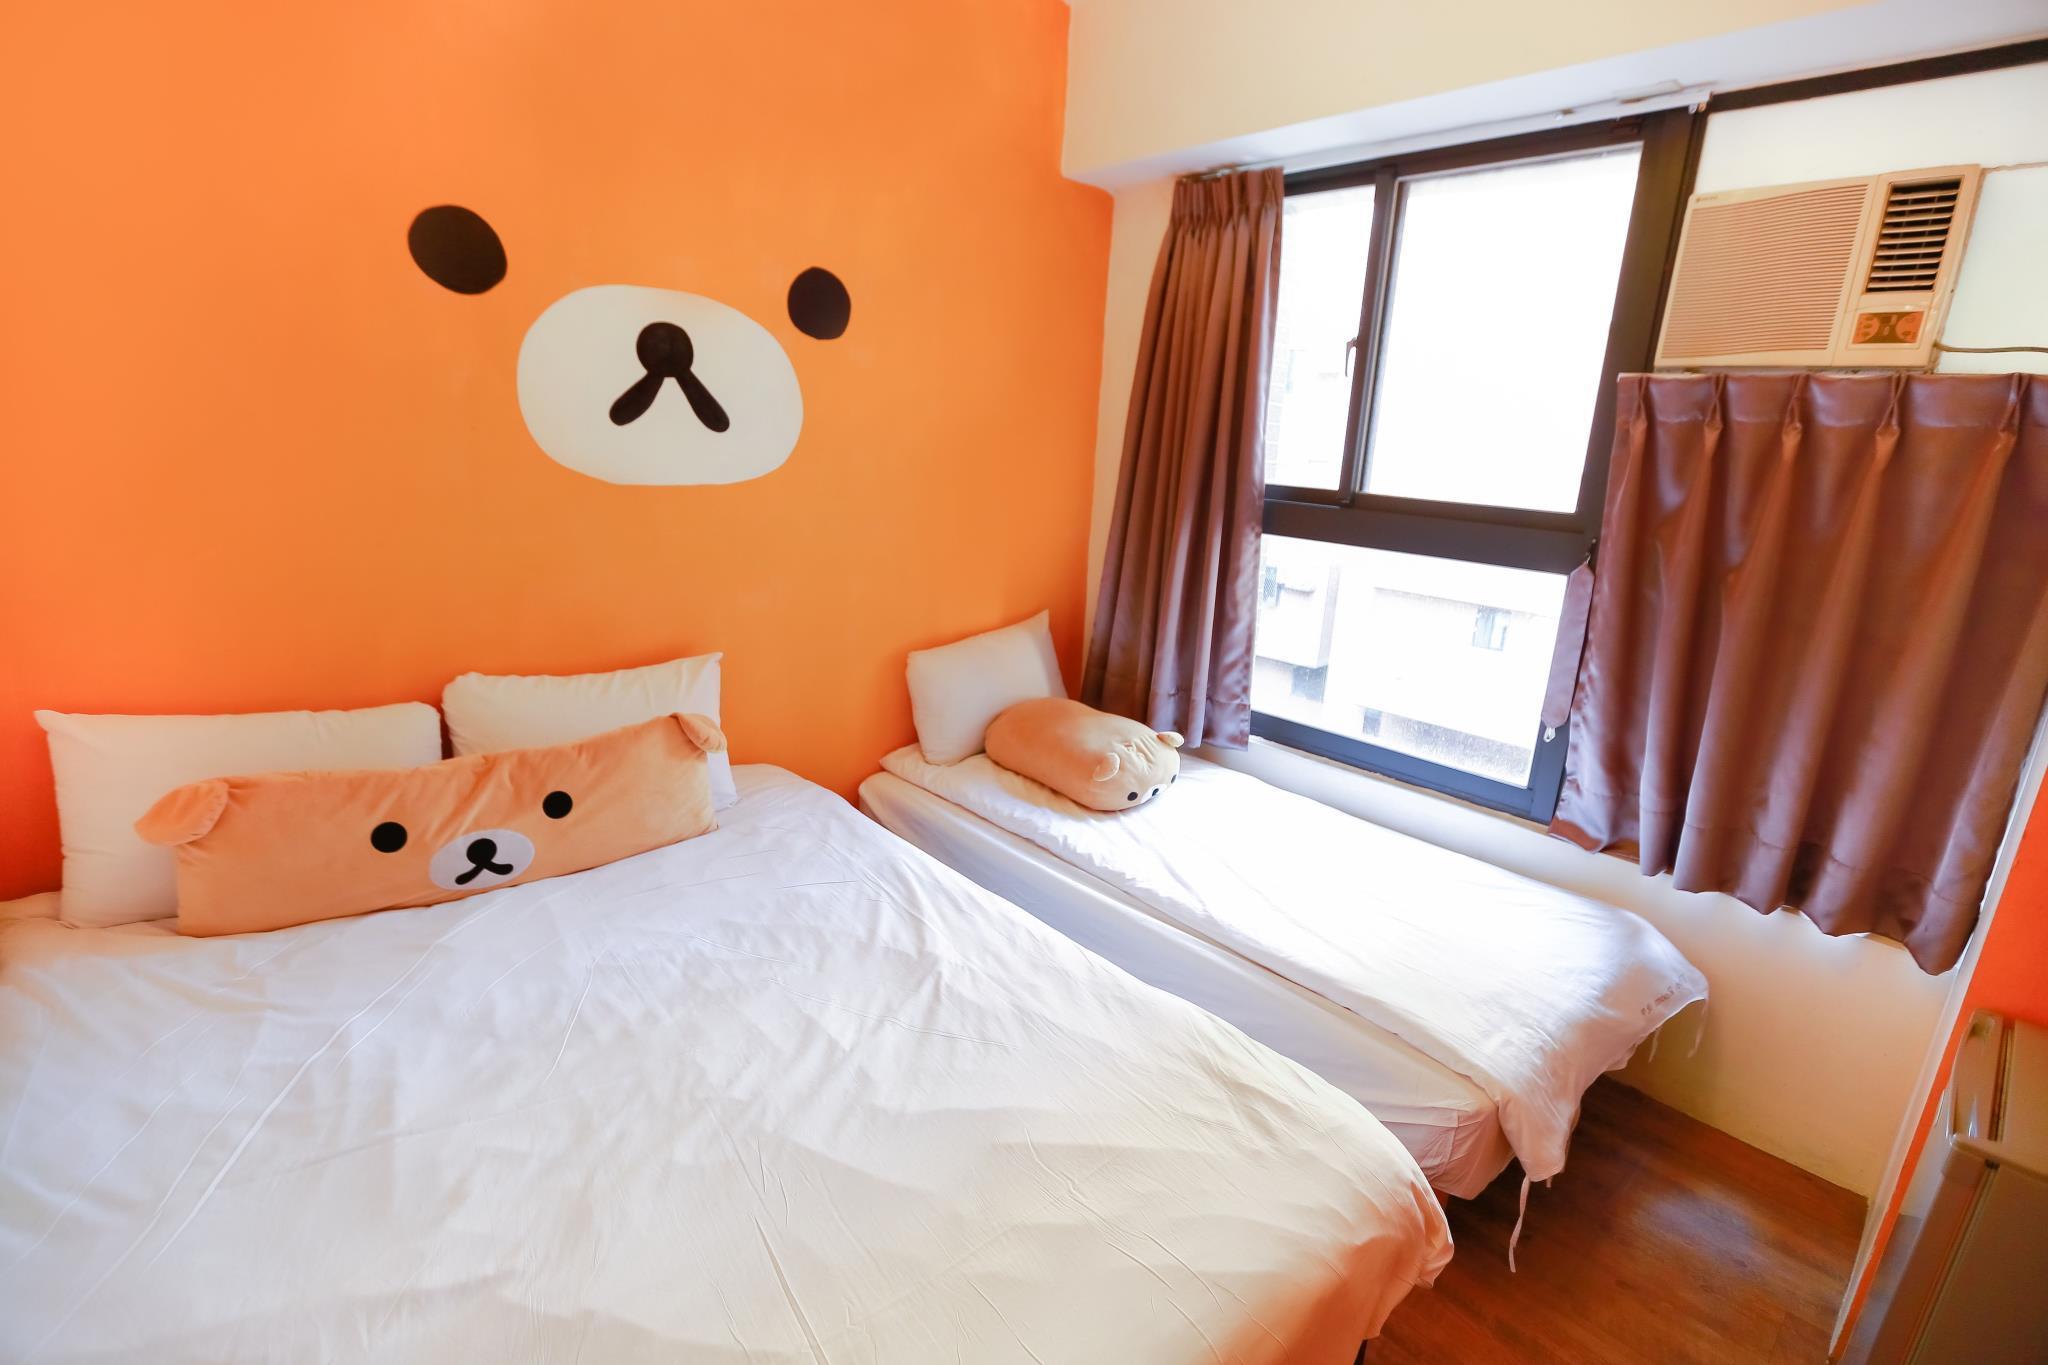 Fong Jia Makido hostel - II, Taichung